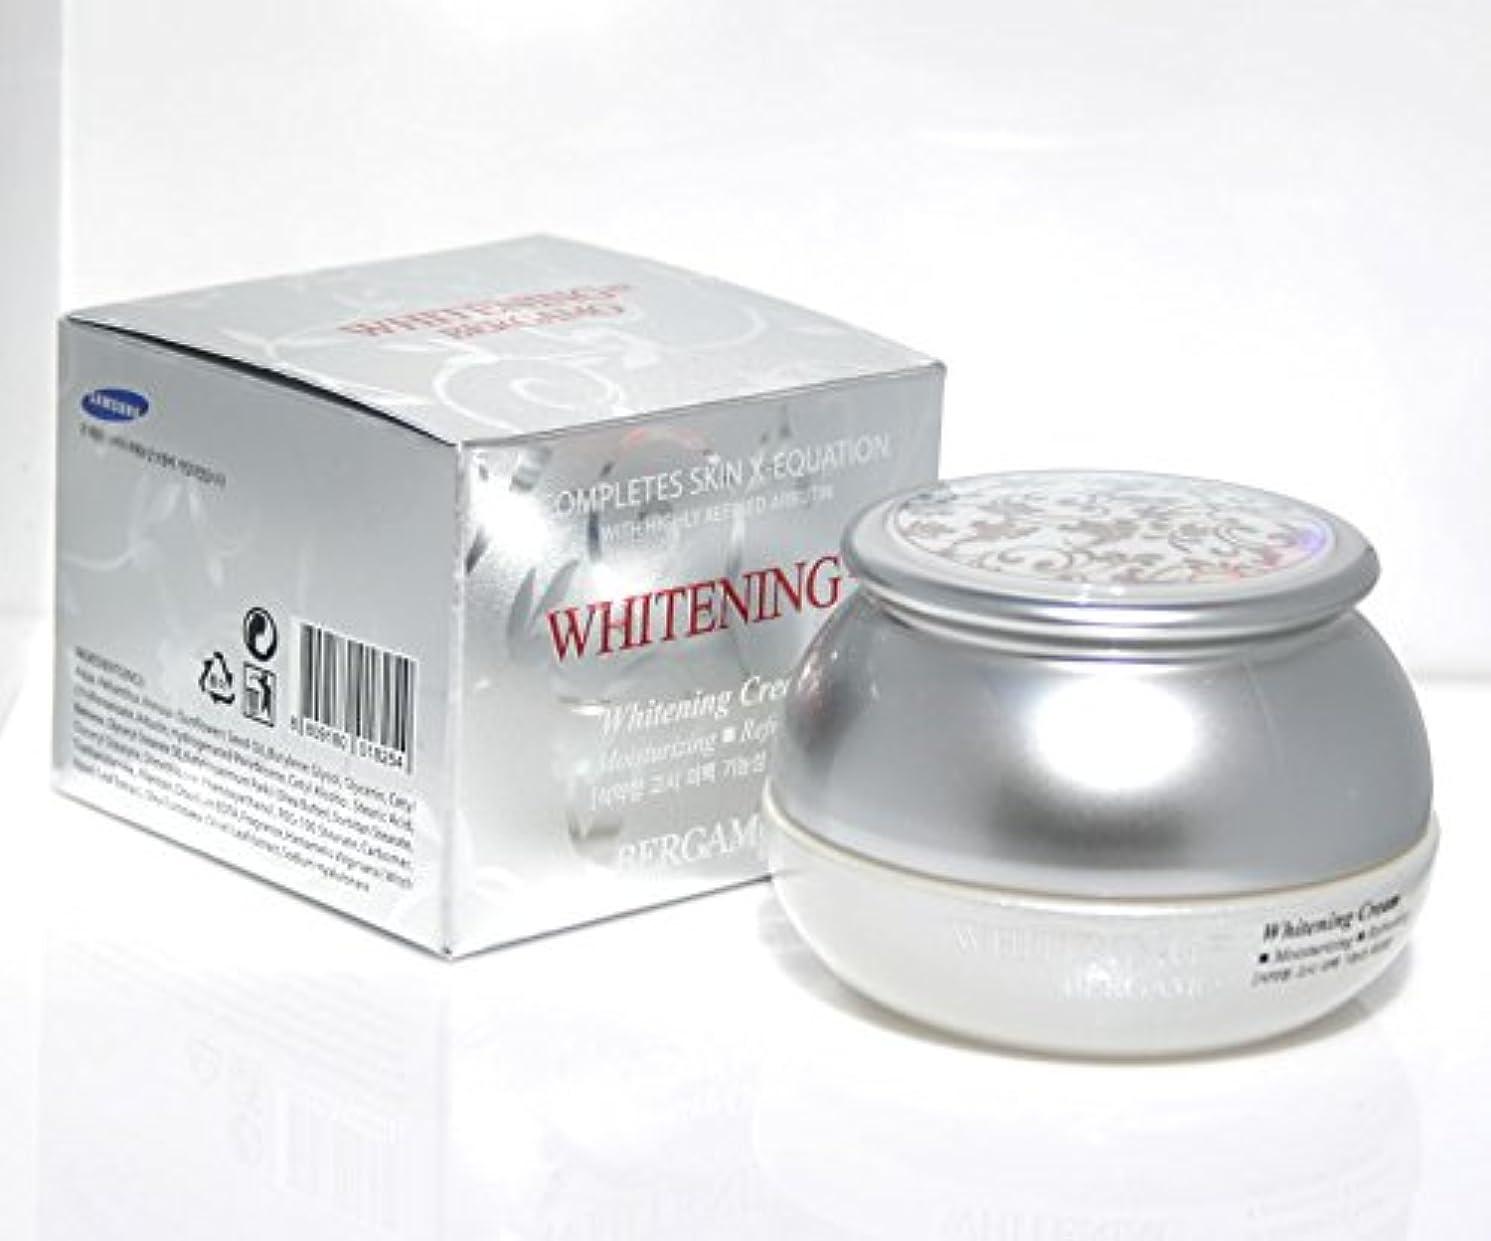 合意しかしながらスポークスマン【ベルガモ][Bergamo]  は、高度に精製アルブチンホワイトニング例クリーム50g /  Completes Skin X-equation with Highly Refined Albutin Whitening Ex Cream 50g /  を完了は、皮膚のX-式、さわやか / Whitening,moisturizing,refreshing / 韓国化粧品 / Korean Cosmetics [並行輸入品]